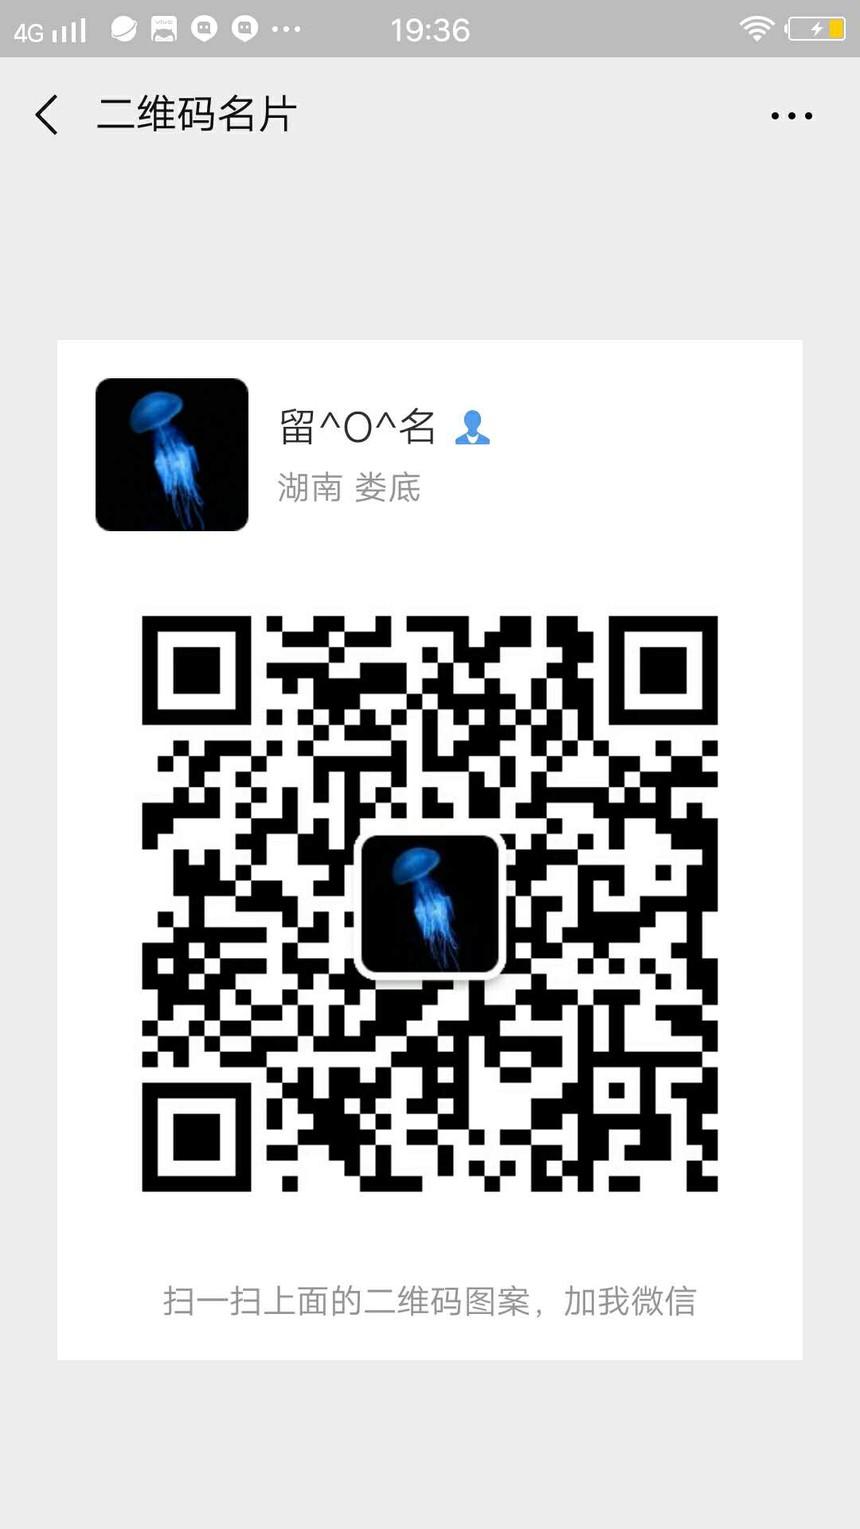 微信图片_20190528193651.jpg